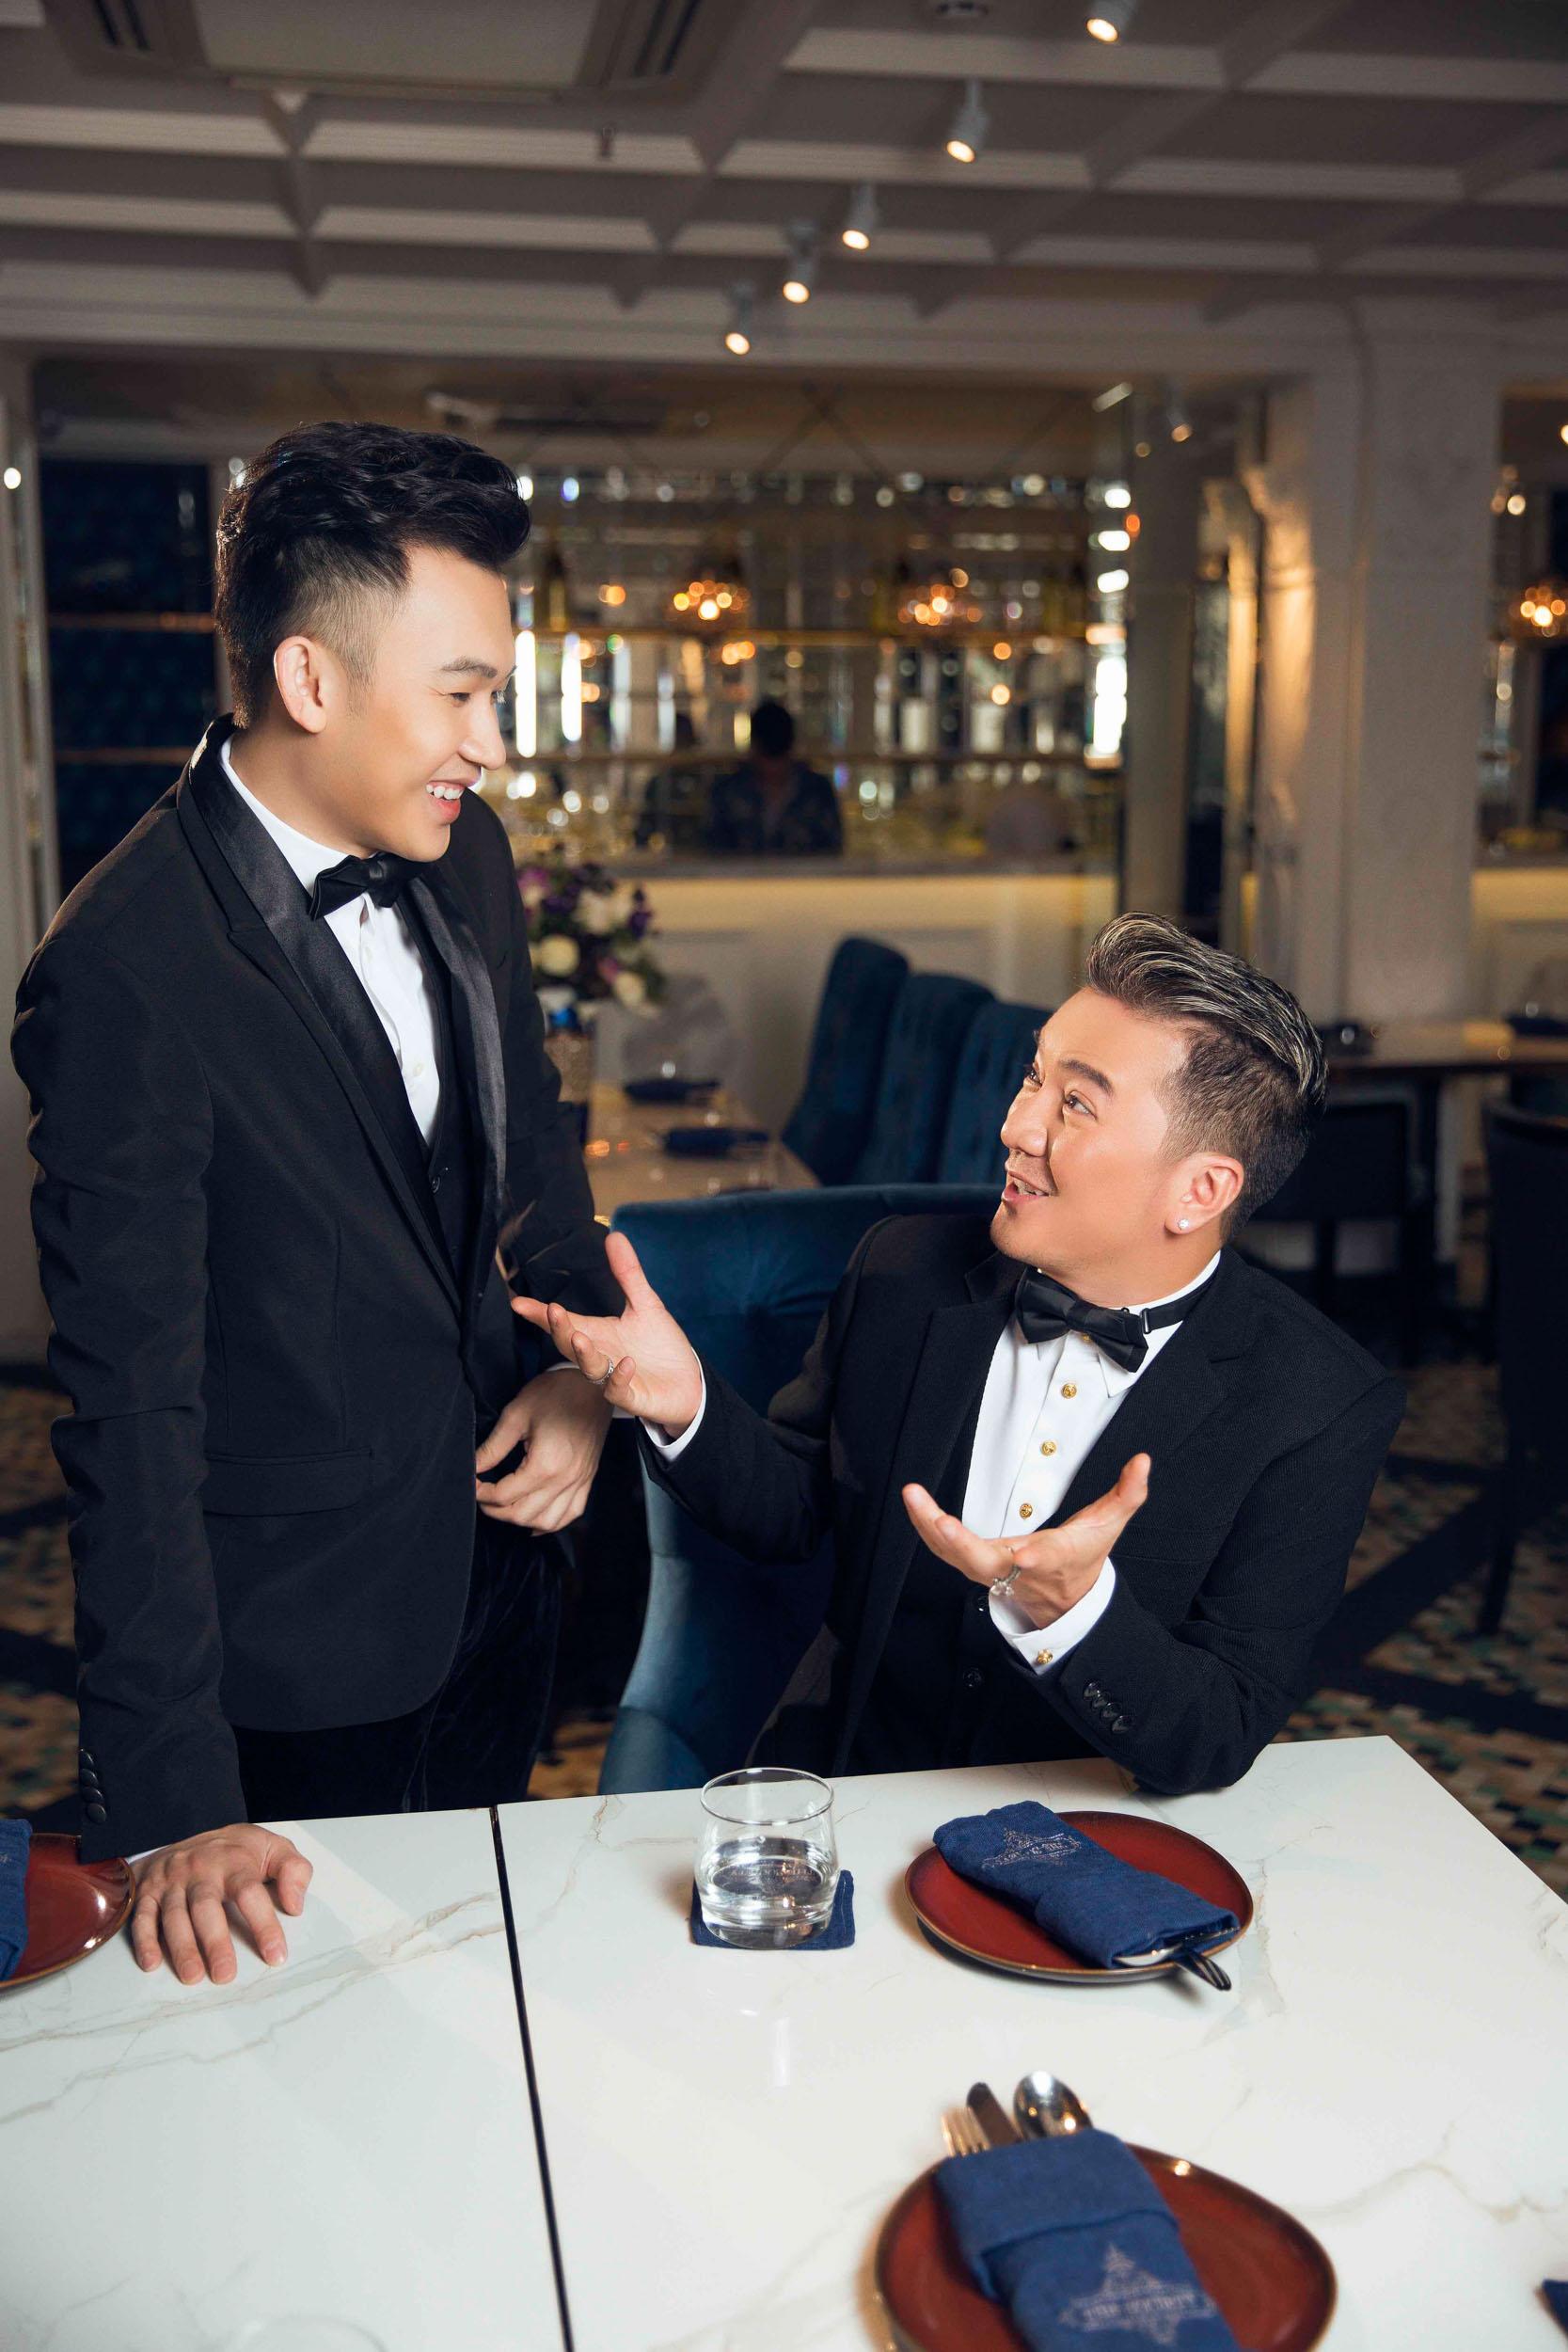 Đàm Vĩnh Hưng - Dương Triệu Vũ ra mắt teaser album chung, tiếp tục úp mở về mối quan hệ của cả hai - Ảnh 9.